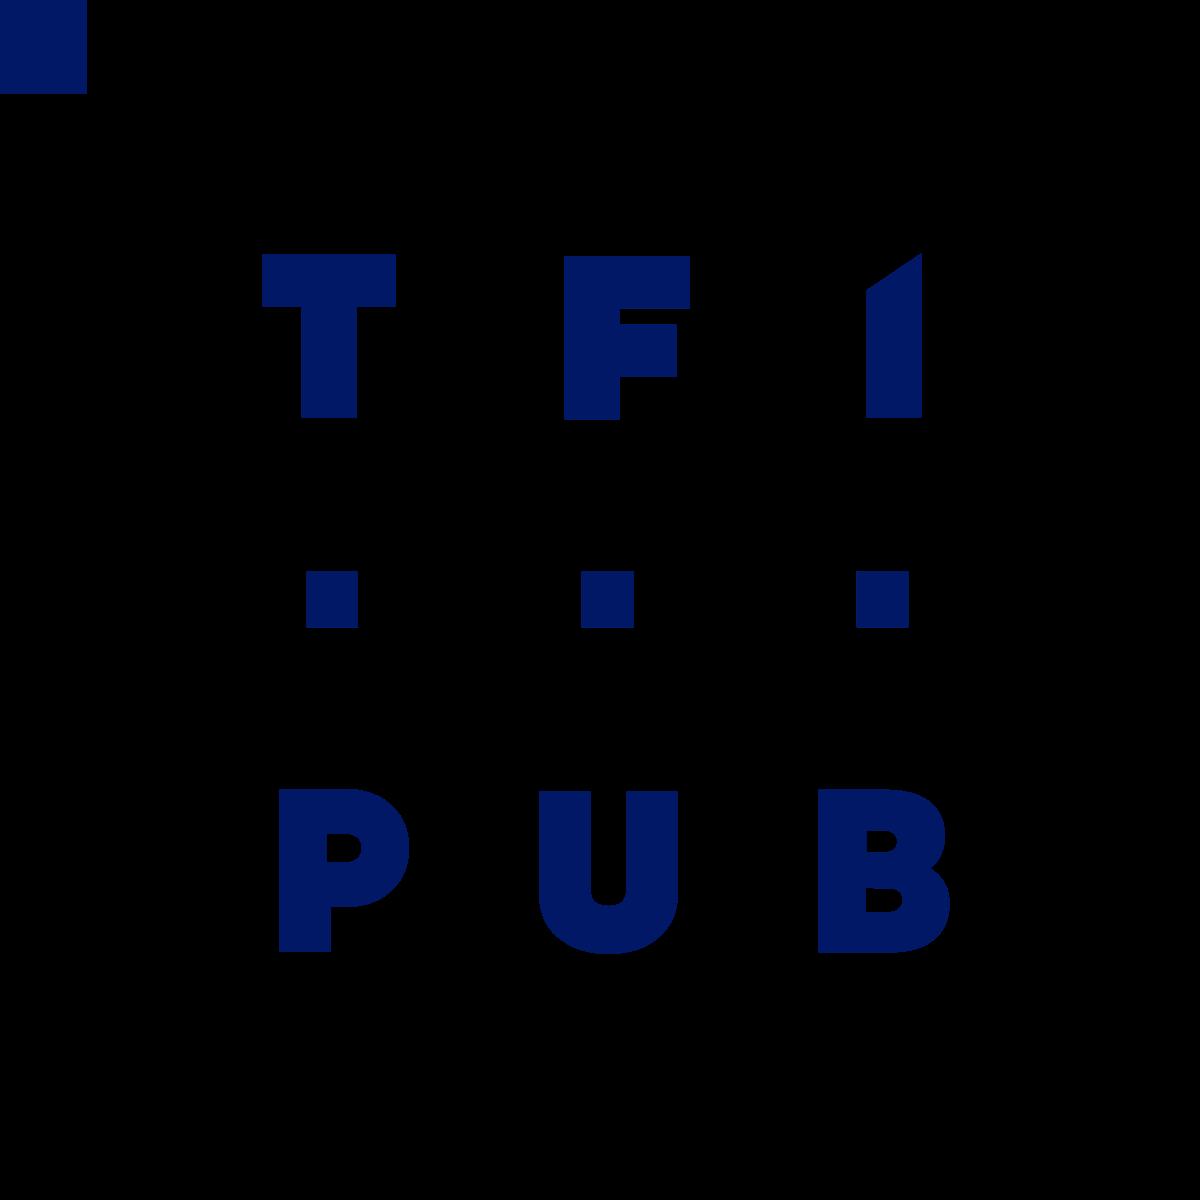 TF1 PUB, première régie plurimédia de France, commercialise les espaces publicitaires des chaînes TV (TF1, TMC, TFX, TF1 Séries Films, LCI, TV Breizh, Ushuaïa TV et Histoire TV) et des supports numériques (MYTF1, LCI.fr, TFOU.fr) du groupe TF1. Sur le marché de la radio, TF1 PUB commercialise les espaces des Indés Radios et de M Radio, et complète son offre numérique avec Bouguestelecom.fr et Studio71.  La régie propose aux annonceurs une gamme complète de solutions pour les aider à atteindre leurs objectifs de communication. Puissance de couverture, expertise data… elle dispose aujourd'hui de l'offre la plus complète du marché, capable de répondre à tous les besoins des annonceurs et des agences. Avec TF1 Live, la Brand Entertainment Agency de TF1 PUB, la régie propose des activations sur-mesure, misant sur toute la richesse de l'offre et des talents du Groupe TF1, pour des expériences publicitaires engageantes et inédites. Avec notamment La Box Entreprises, TF1 PUB s'est ouvert à de nouveaux marchés et se positionne comme le partenaire business de tous les annonceurs.